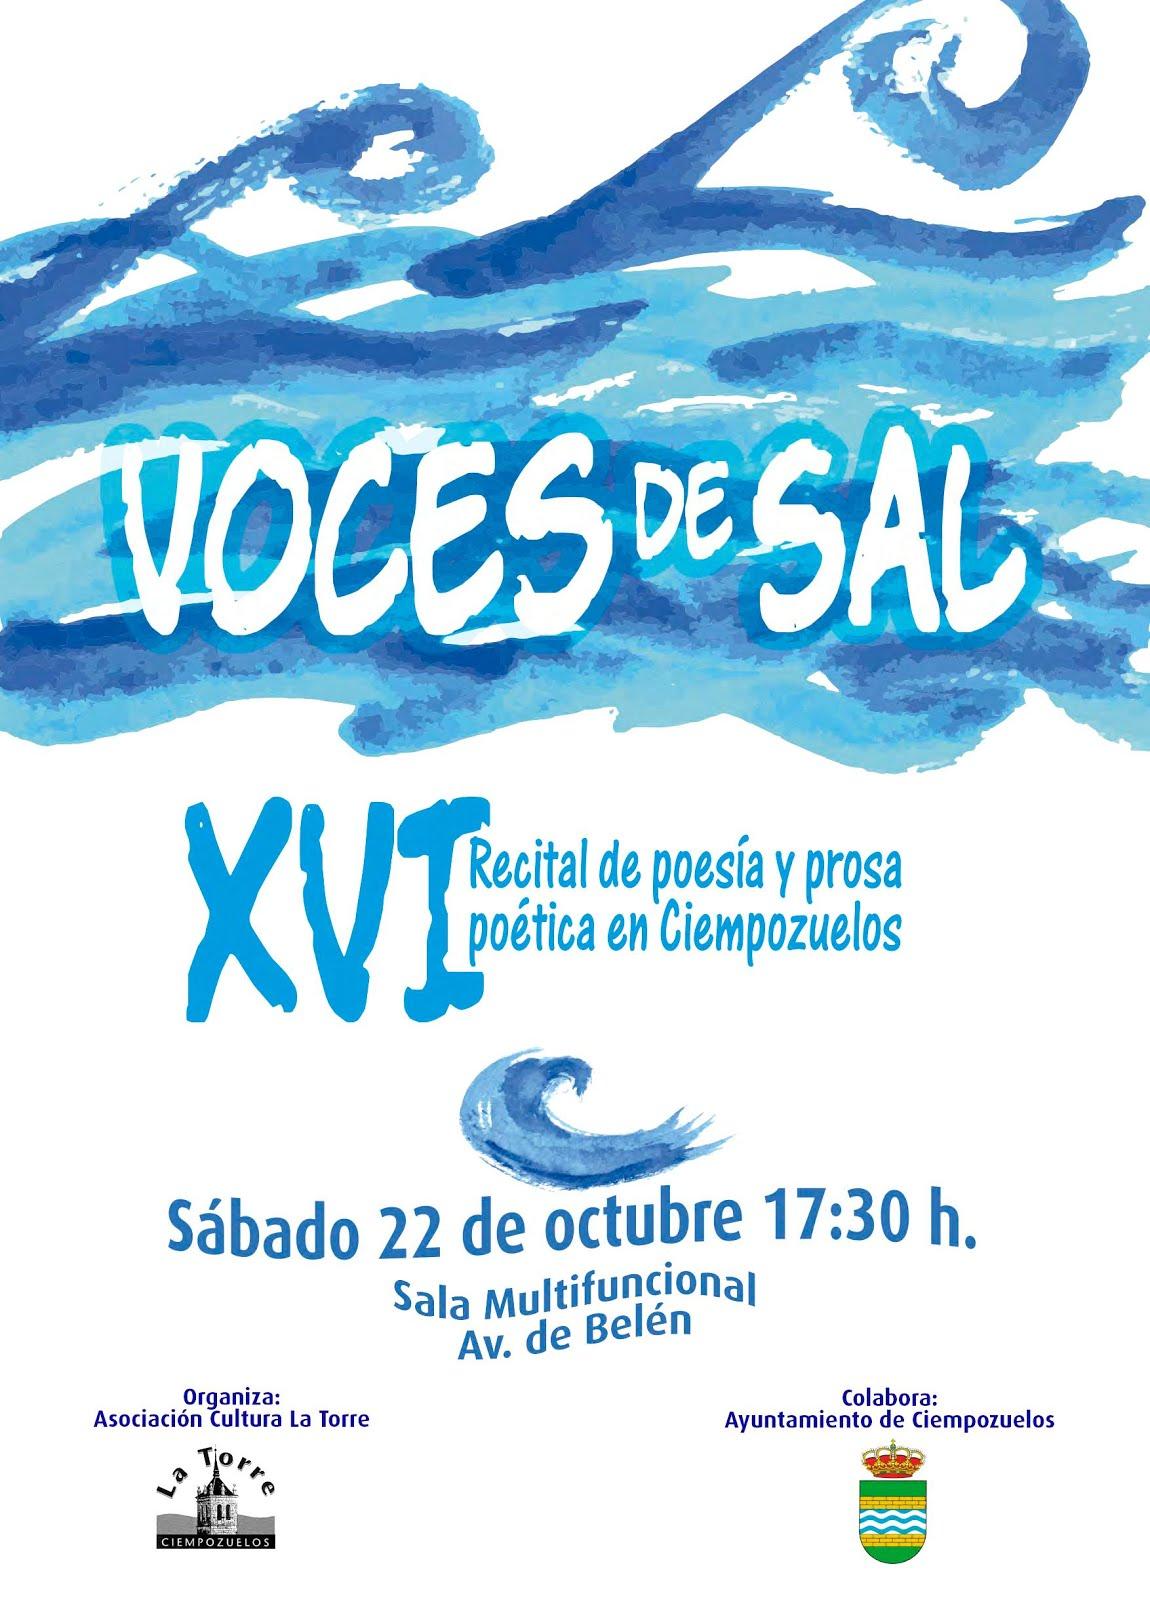 XVI RECITAL DE POESIA Y PROSA POETICA